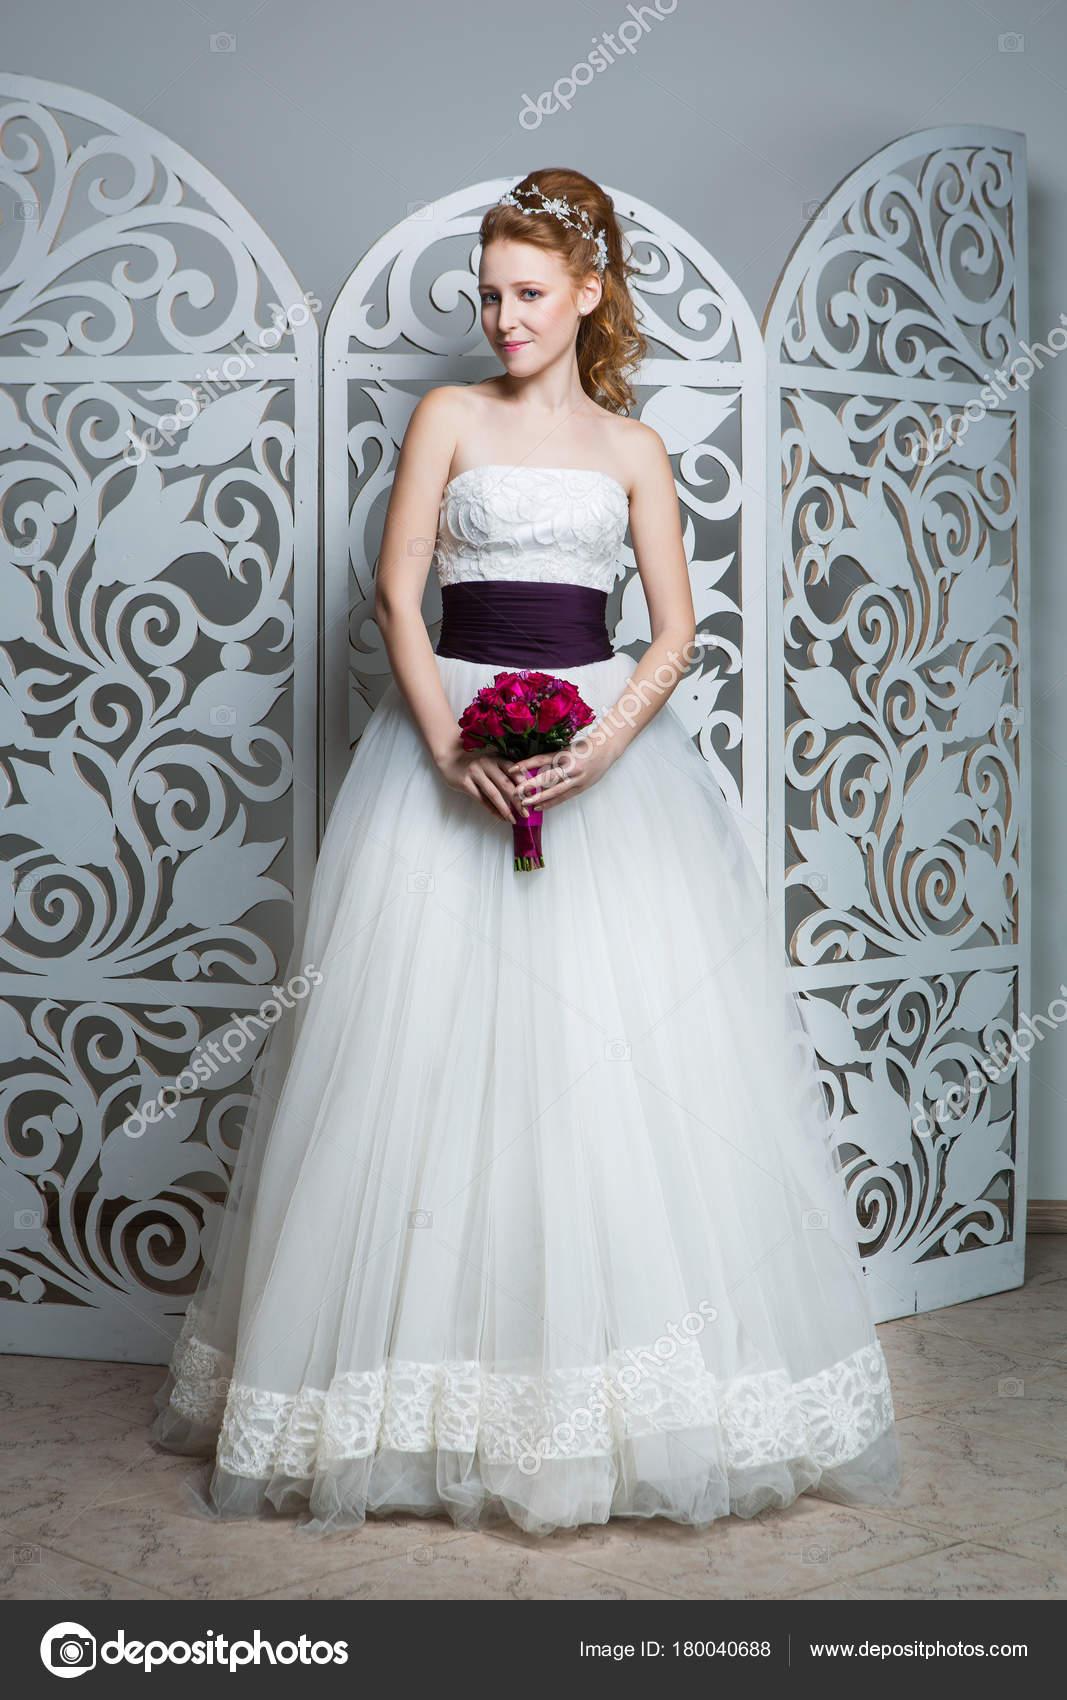 Schone Rote Haare Junge Frau Weissen Hochzeitskleid Mit Breiten